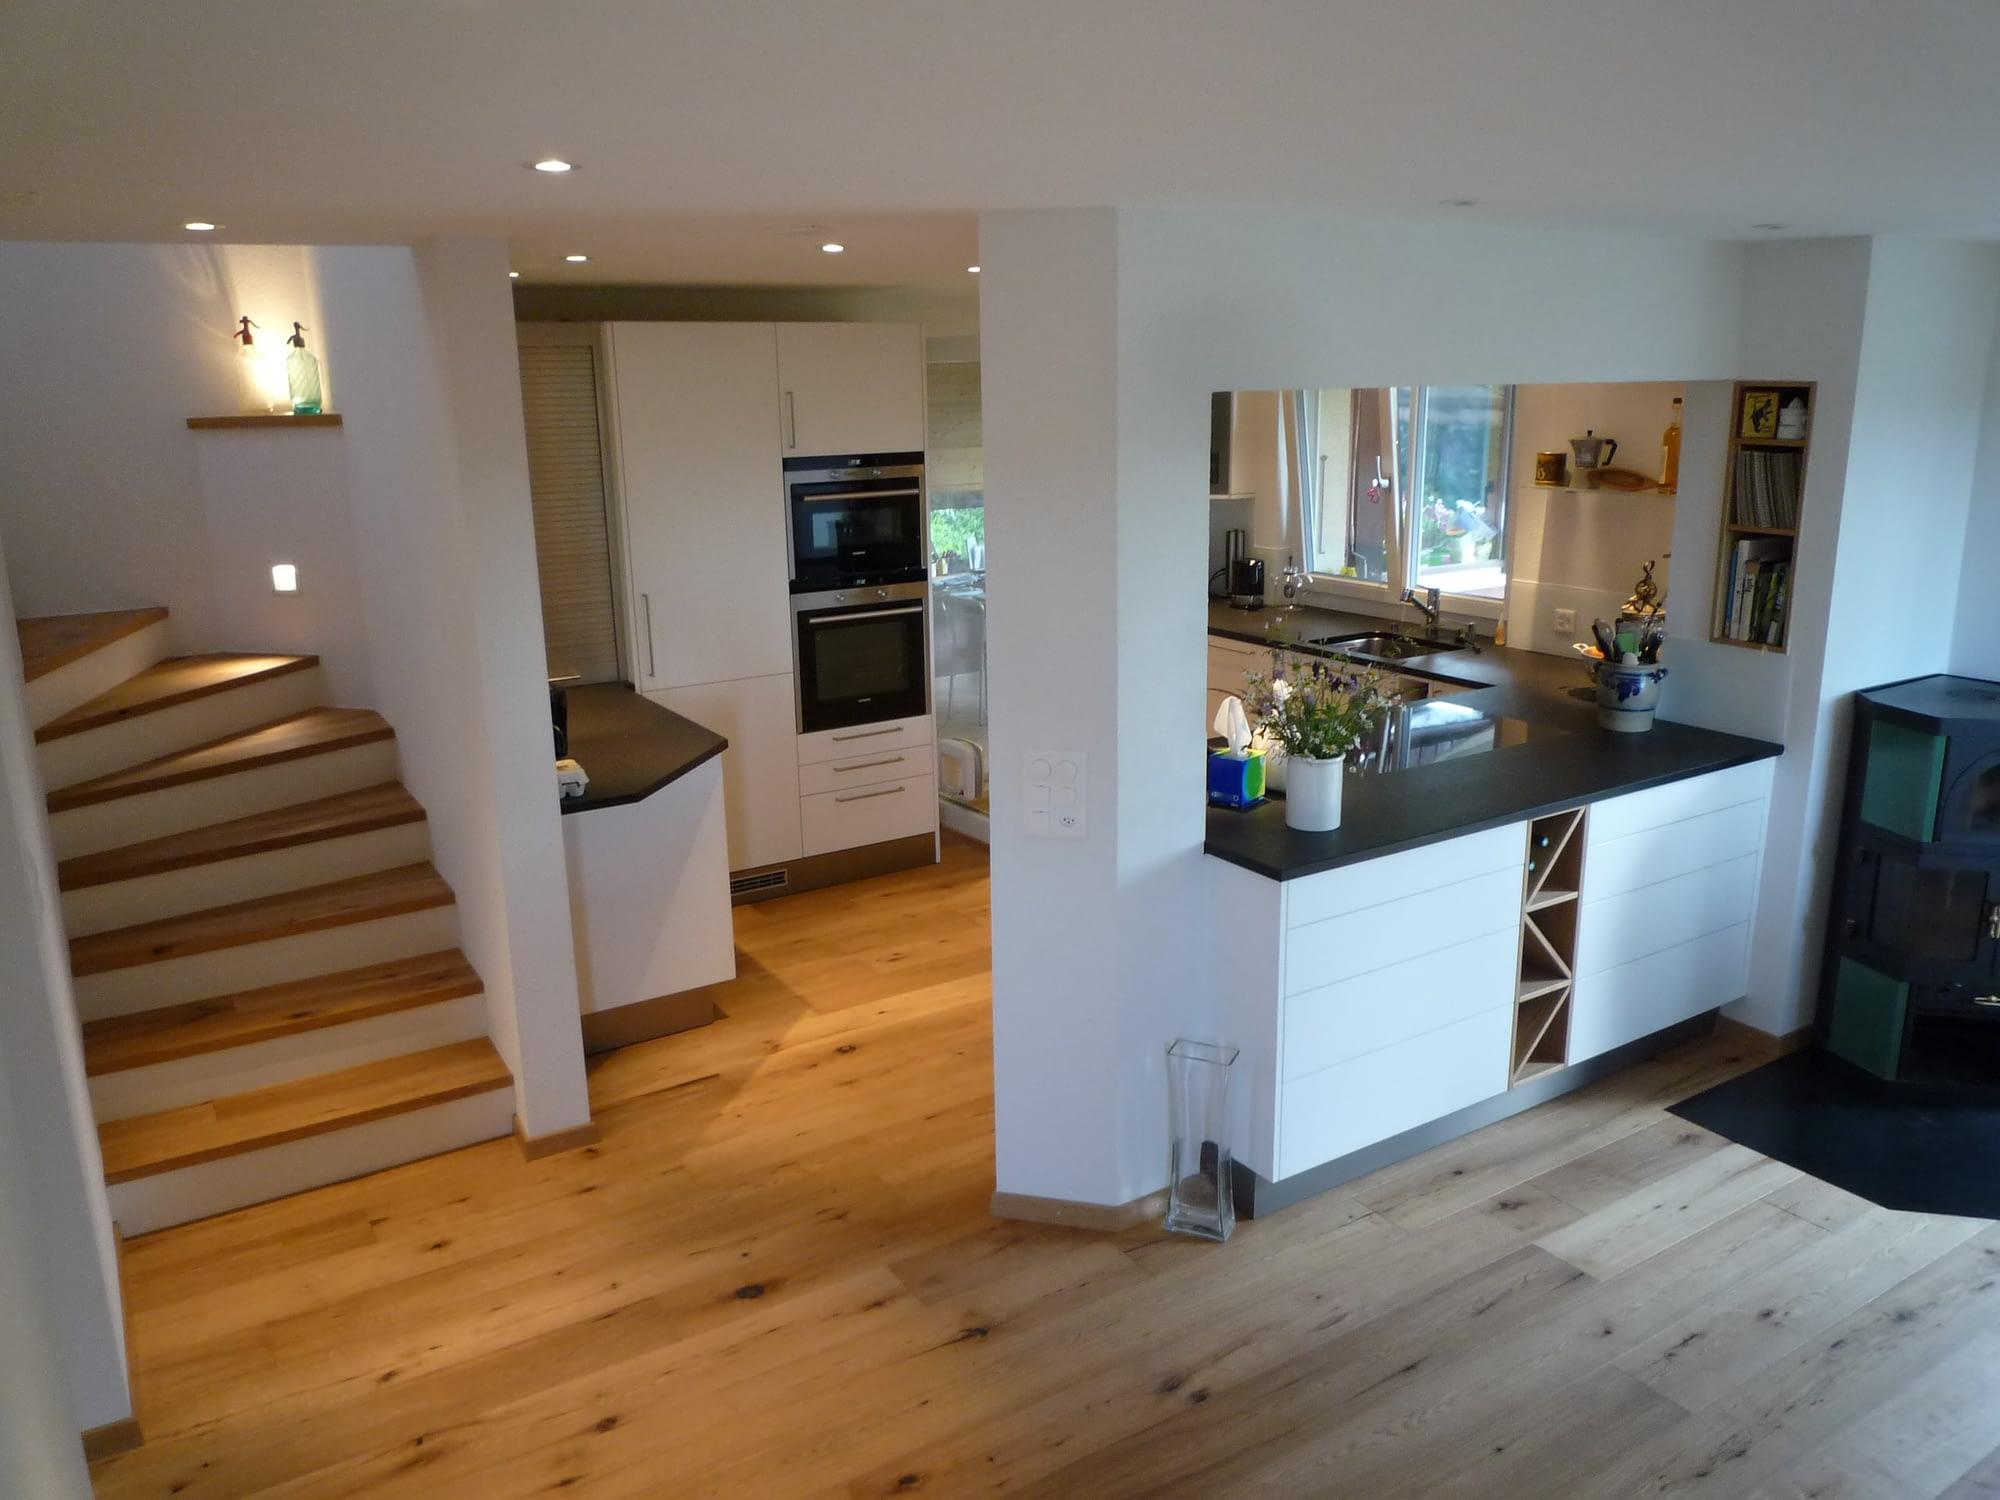 Umbau des Wohnbereiches. Der Boden sowie die Treppe besteht aus Holz